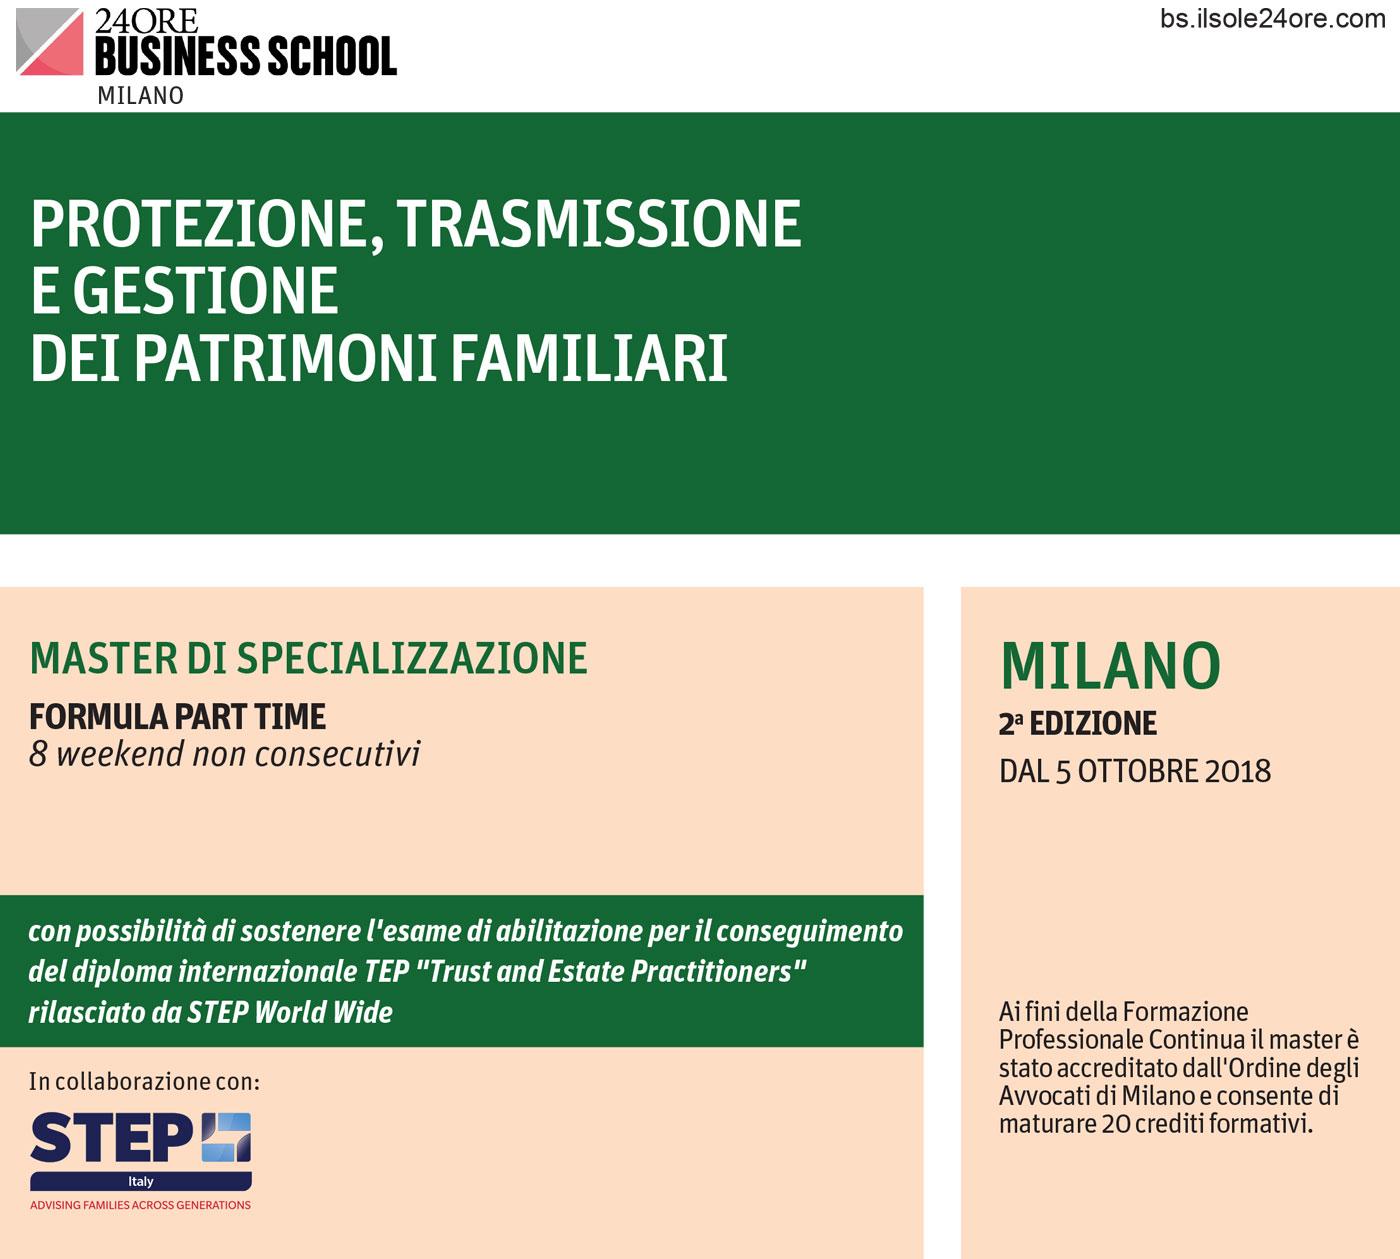 Protezione-trasmissione-gestione-dei-patrimoni-familiari